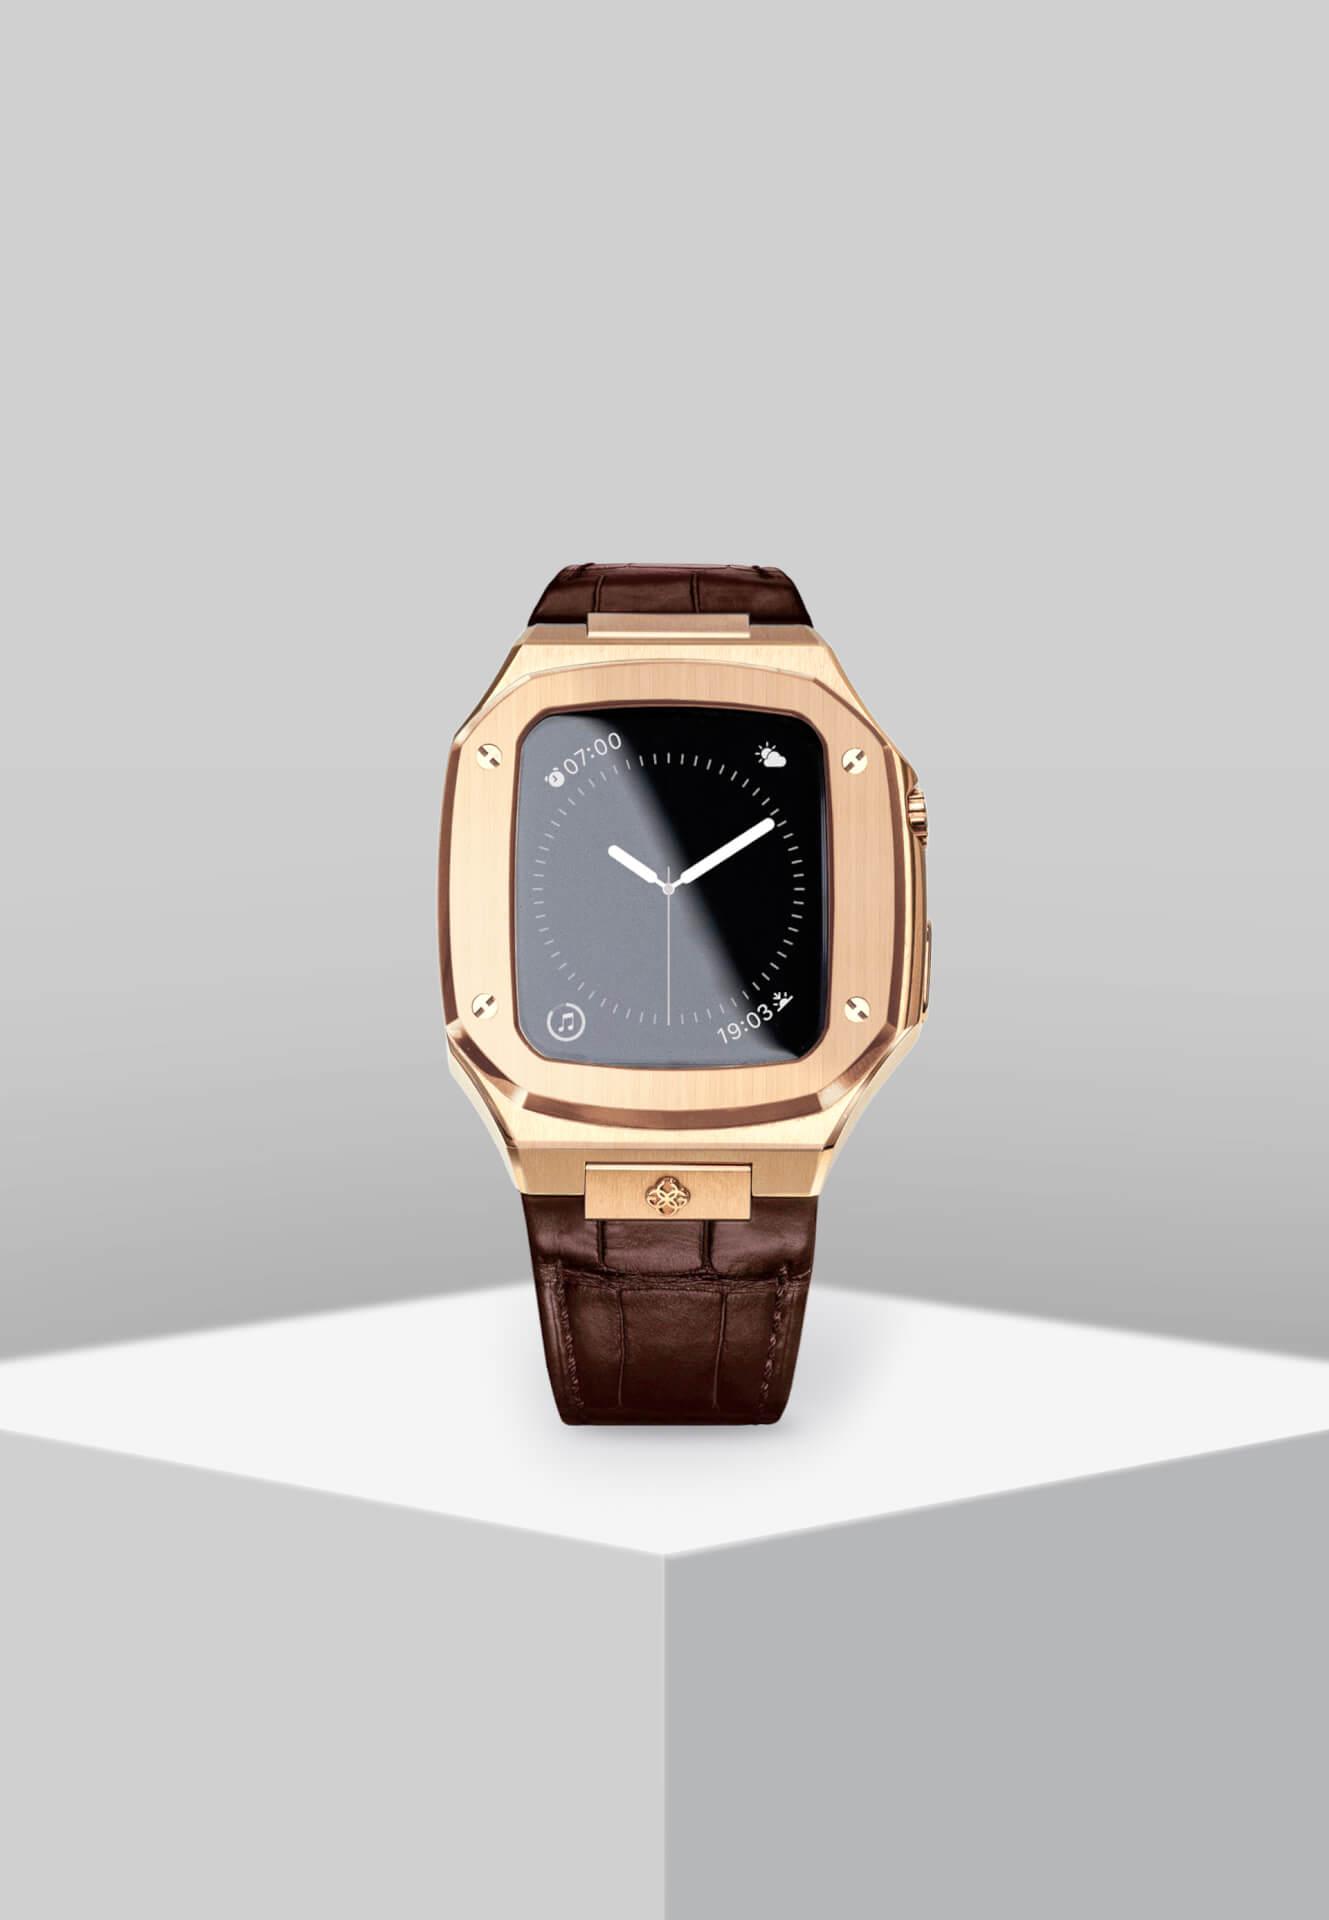 高級感漂うGOLDEN CONCEPTのApple Watchケースに待望の40mm用新コレクションが登場!ホワイト、イエローなどの新カラーがラインナップ tech201124_applewatch_case_8